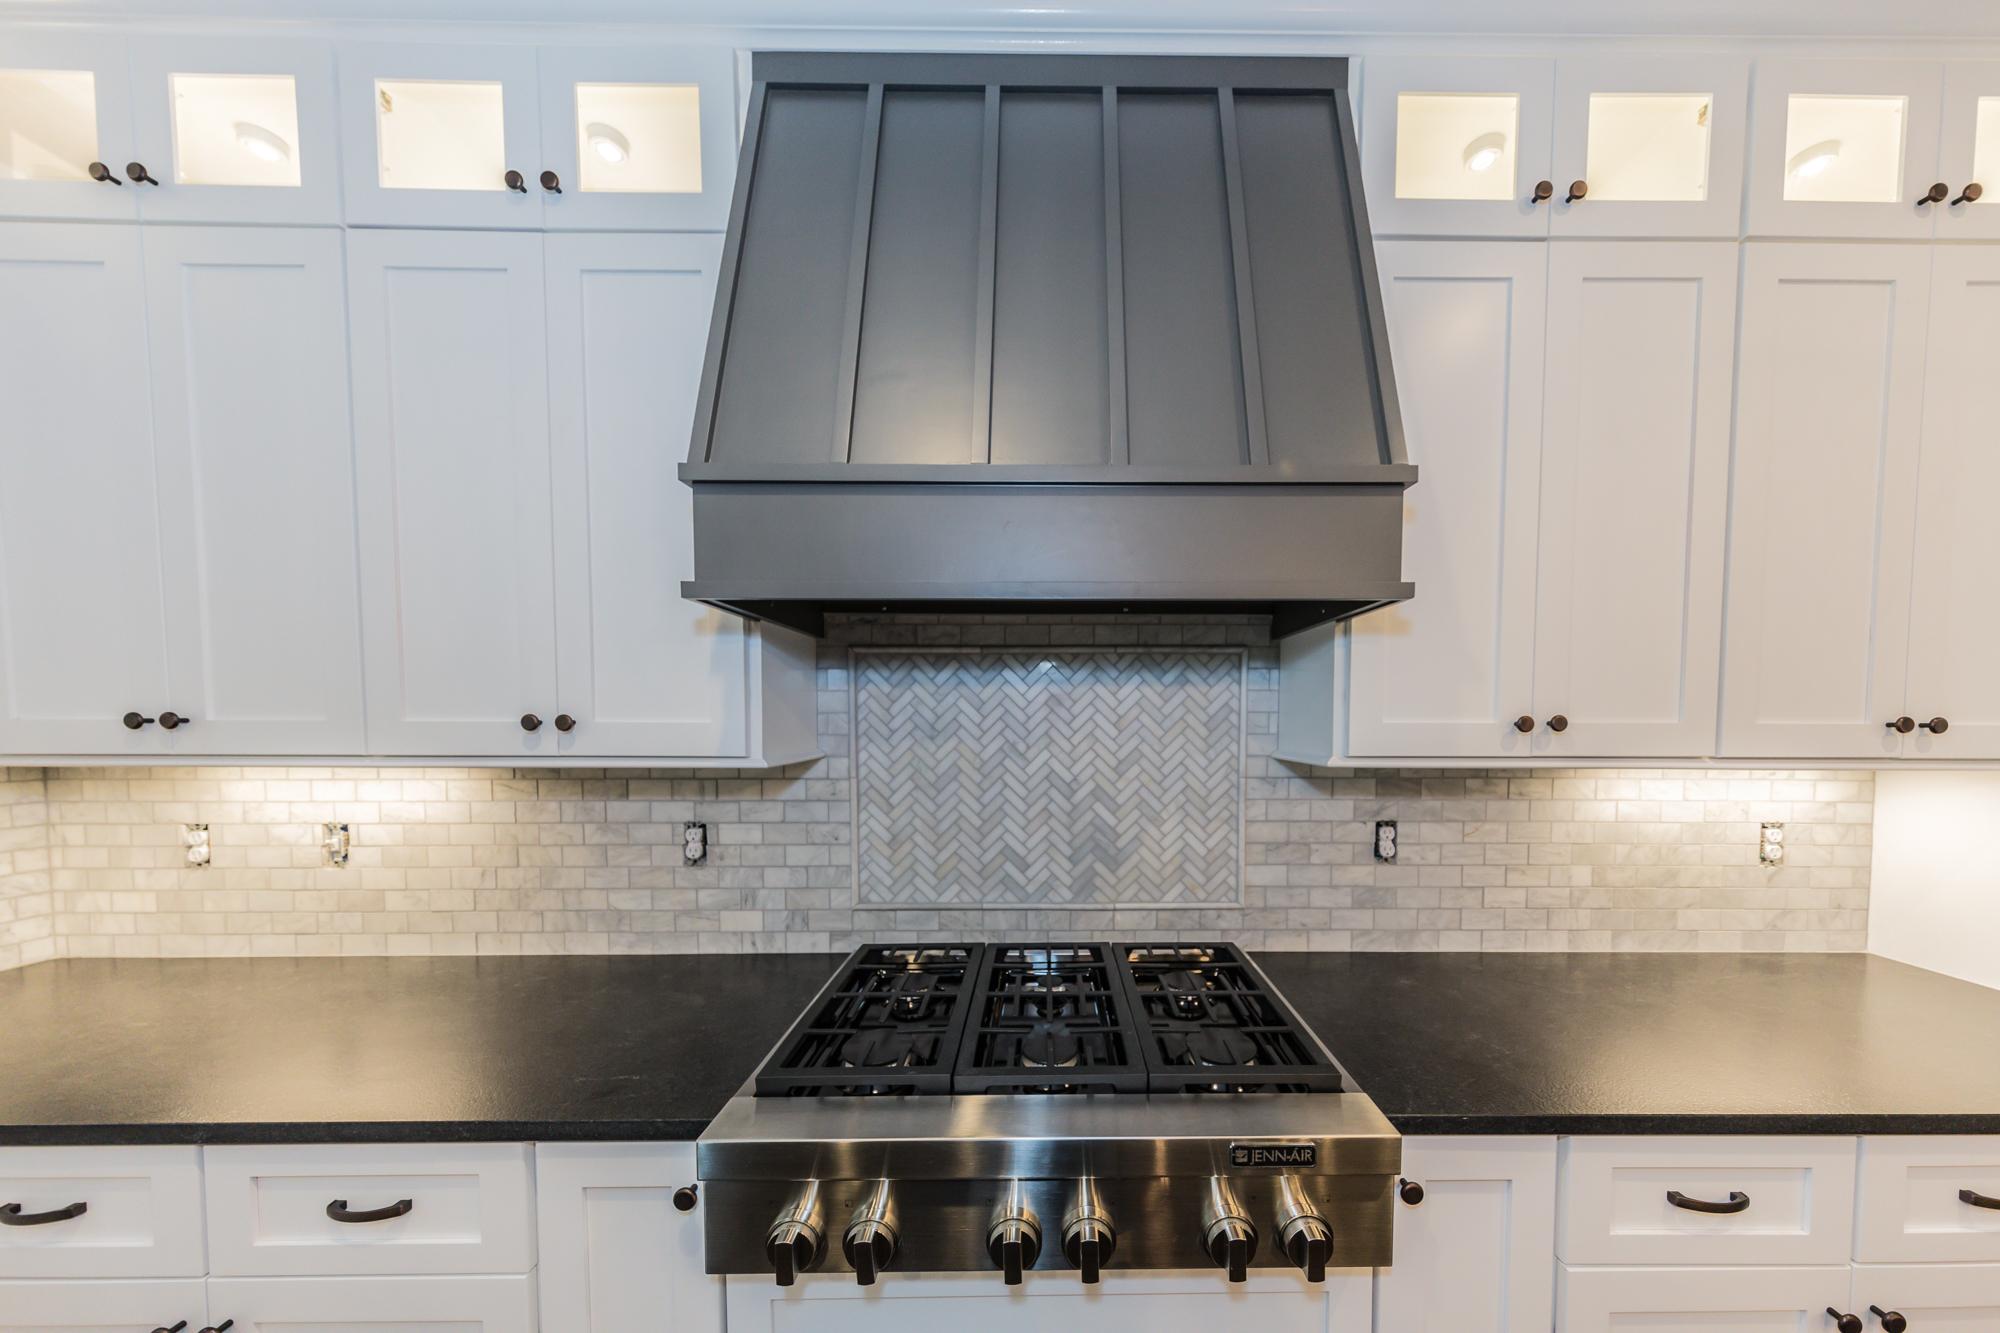 2-Scott-AFB-Real-Estate-For-Sale-O'Fallon-Illinois-62269-17.jpg